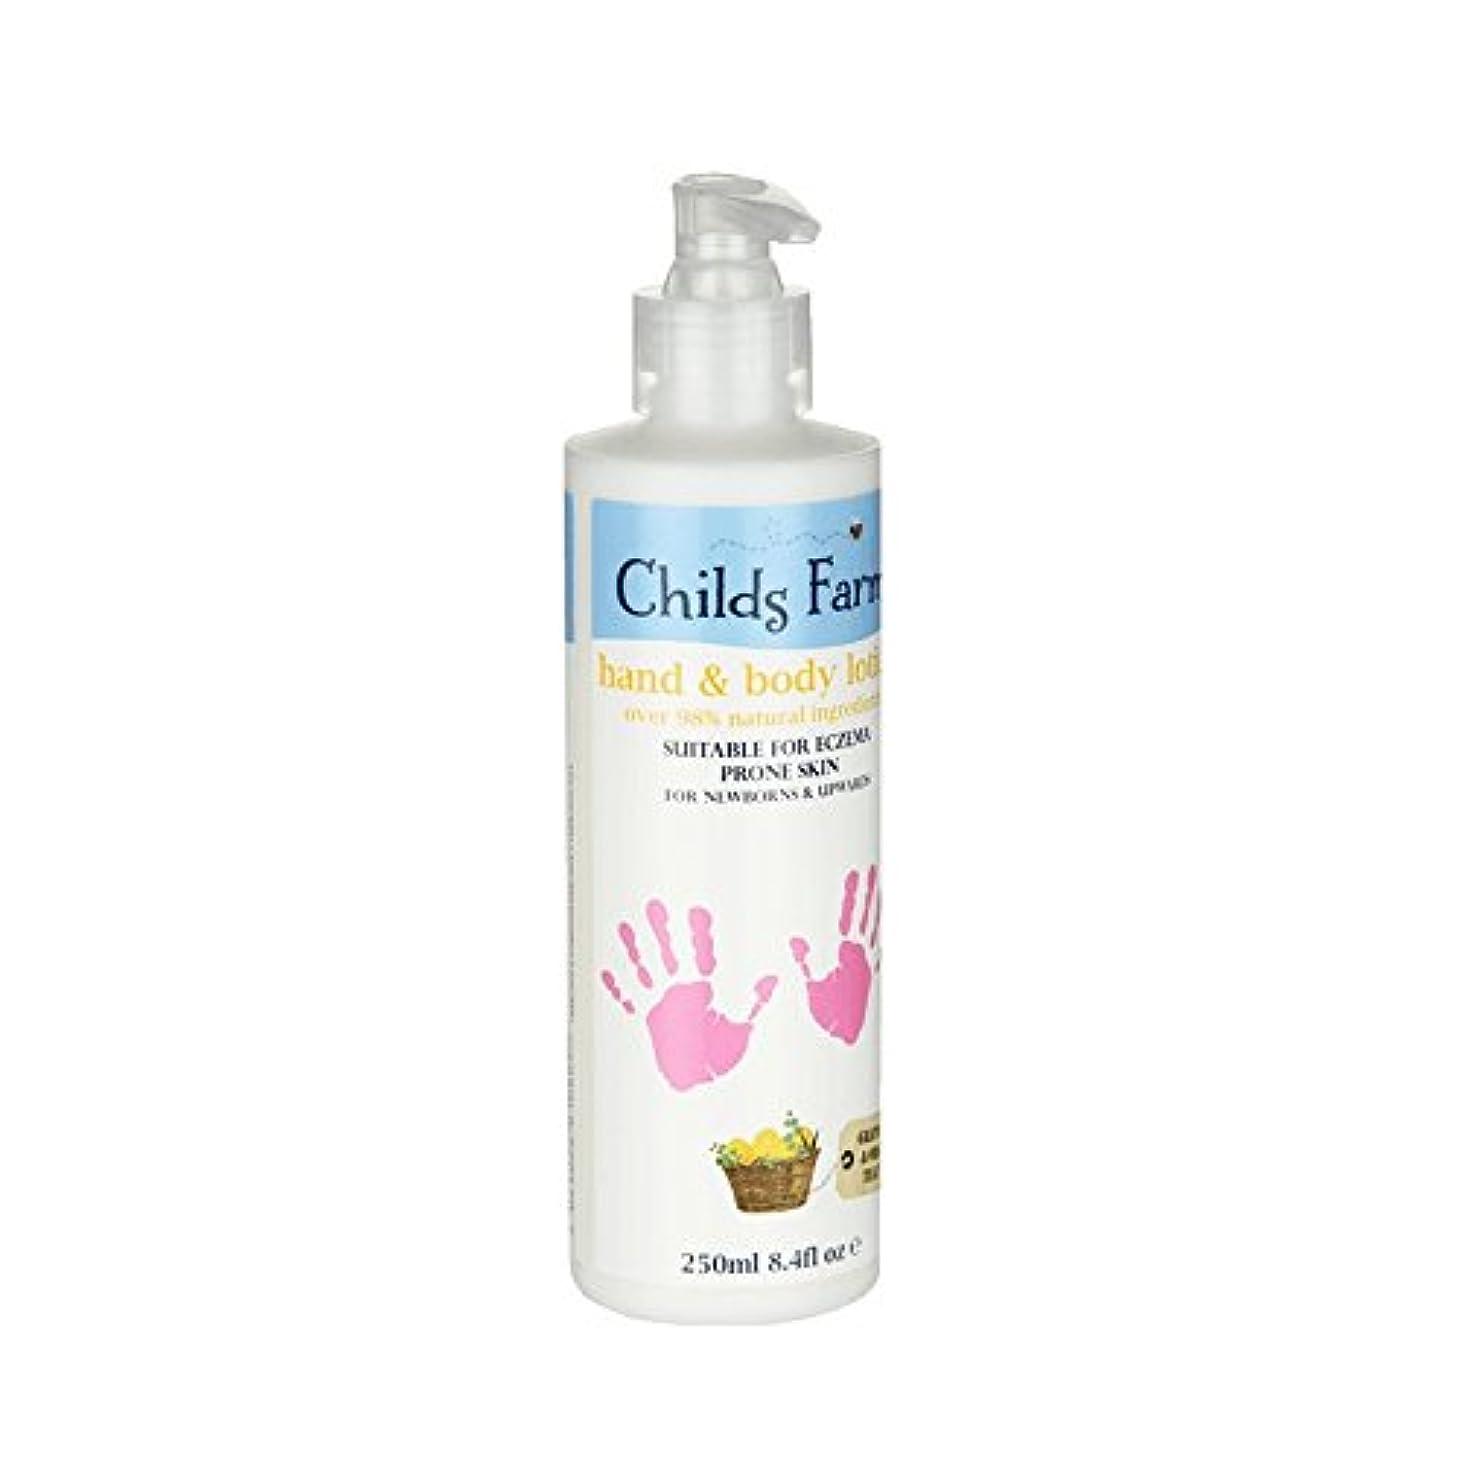 無駄なセンチメンタル返済Childs Farm Hand & Body Lotion for Silky Skin 250ml (Pack of 6) - 絹のような肌の250ミリリットルのためのチャイルズファームハンド&ボディローション (x6...